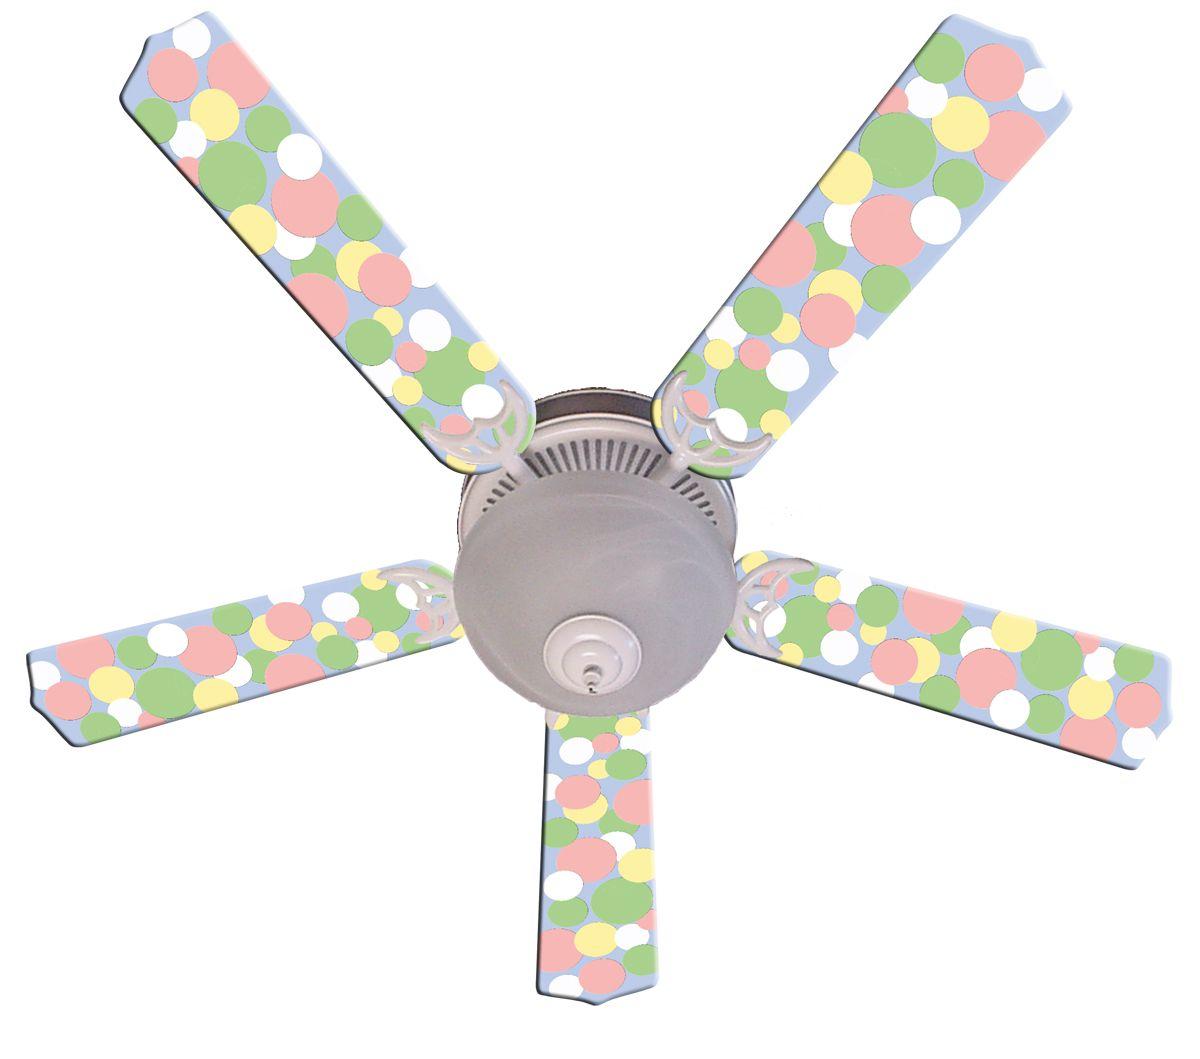 Pastel Dots Ceiling Fan Youth Bedrooms Pinterest Ceiling fan